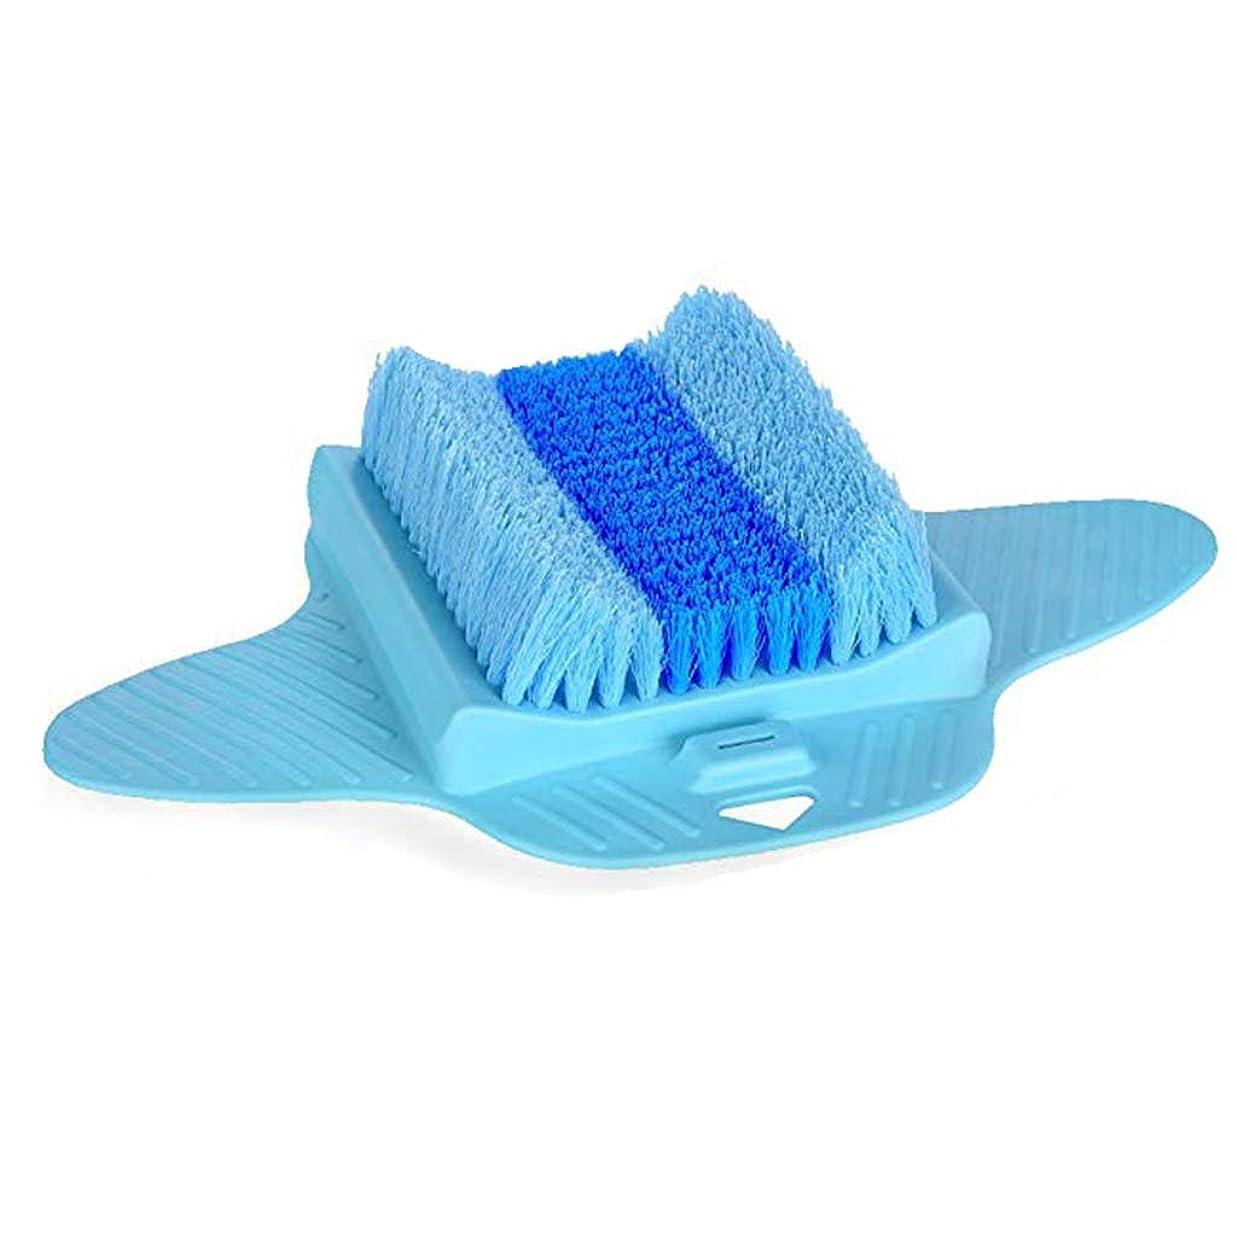 ハプニング滞在フックスパマッサージフットスクラブブラシ、お手入れが簡単、乾燥した角質の肌を除去、ブルー